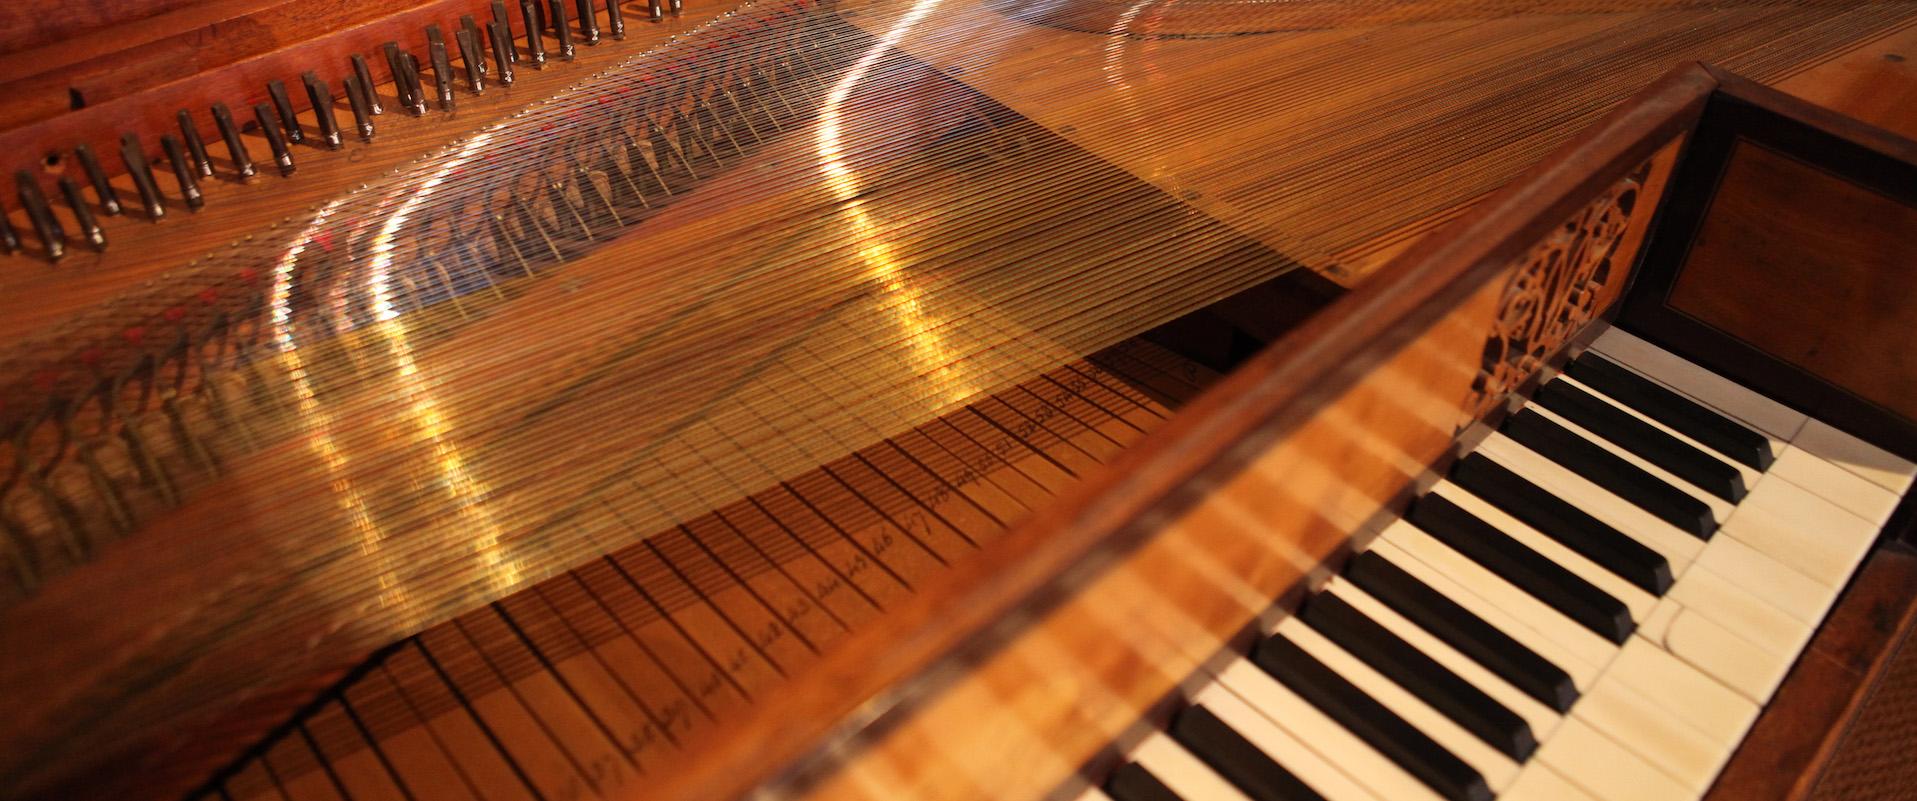 Geelvinck Fortepiano Festival